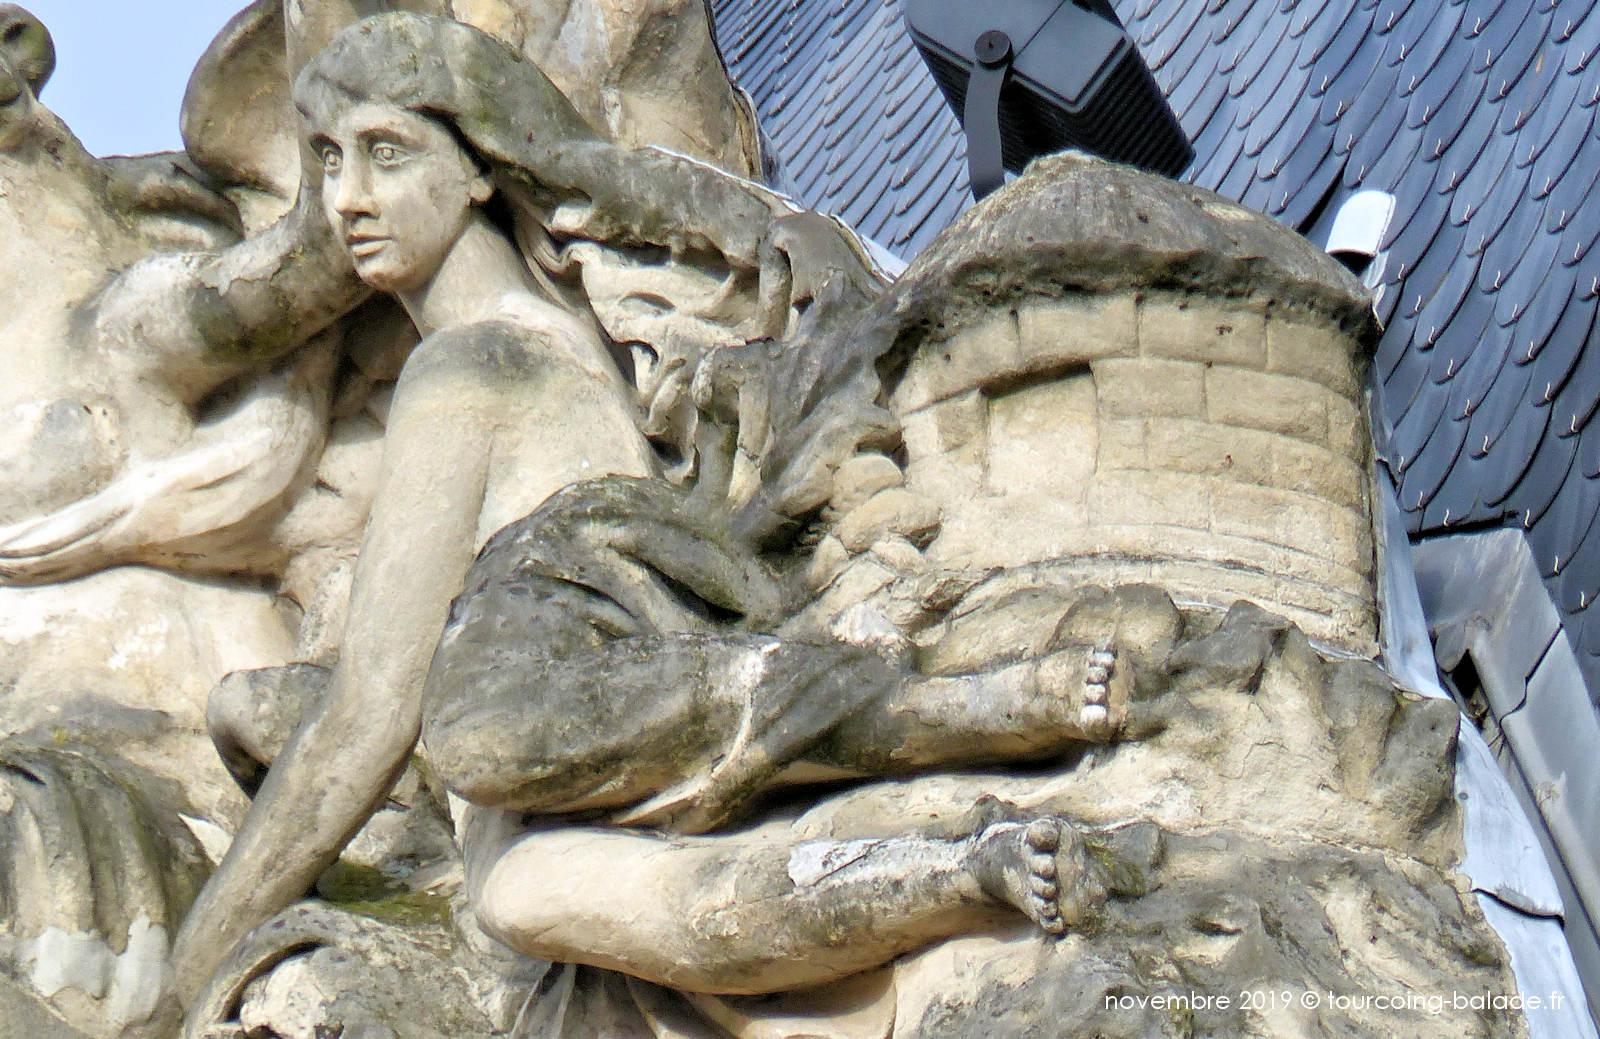 Hôtel de ville Tourcoing - Sculpture du Fronton